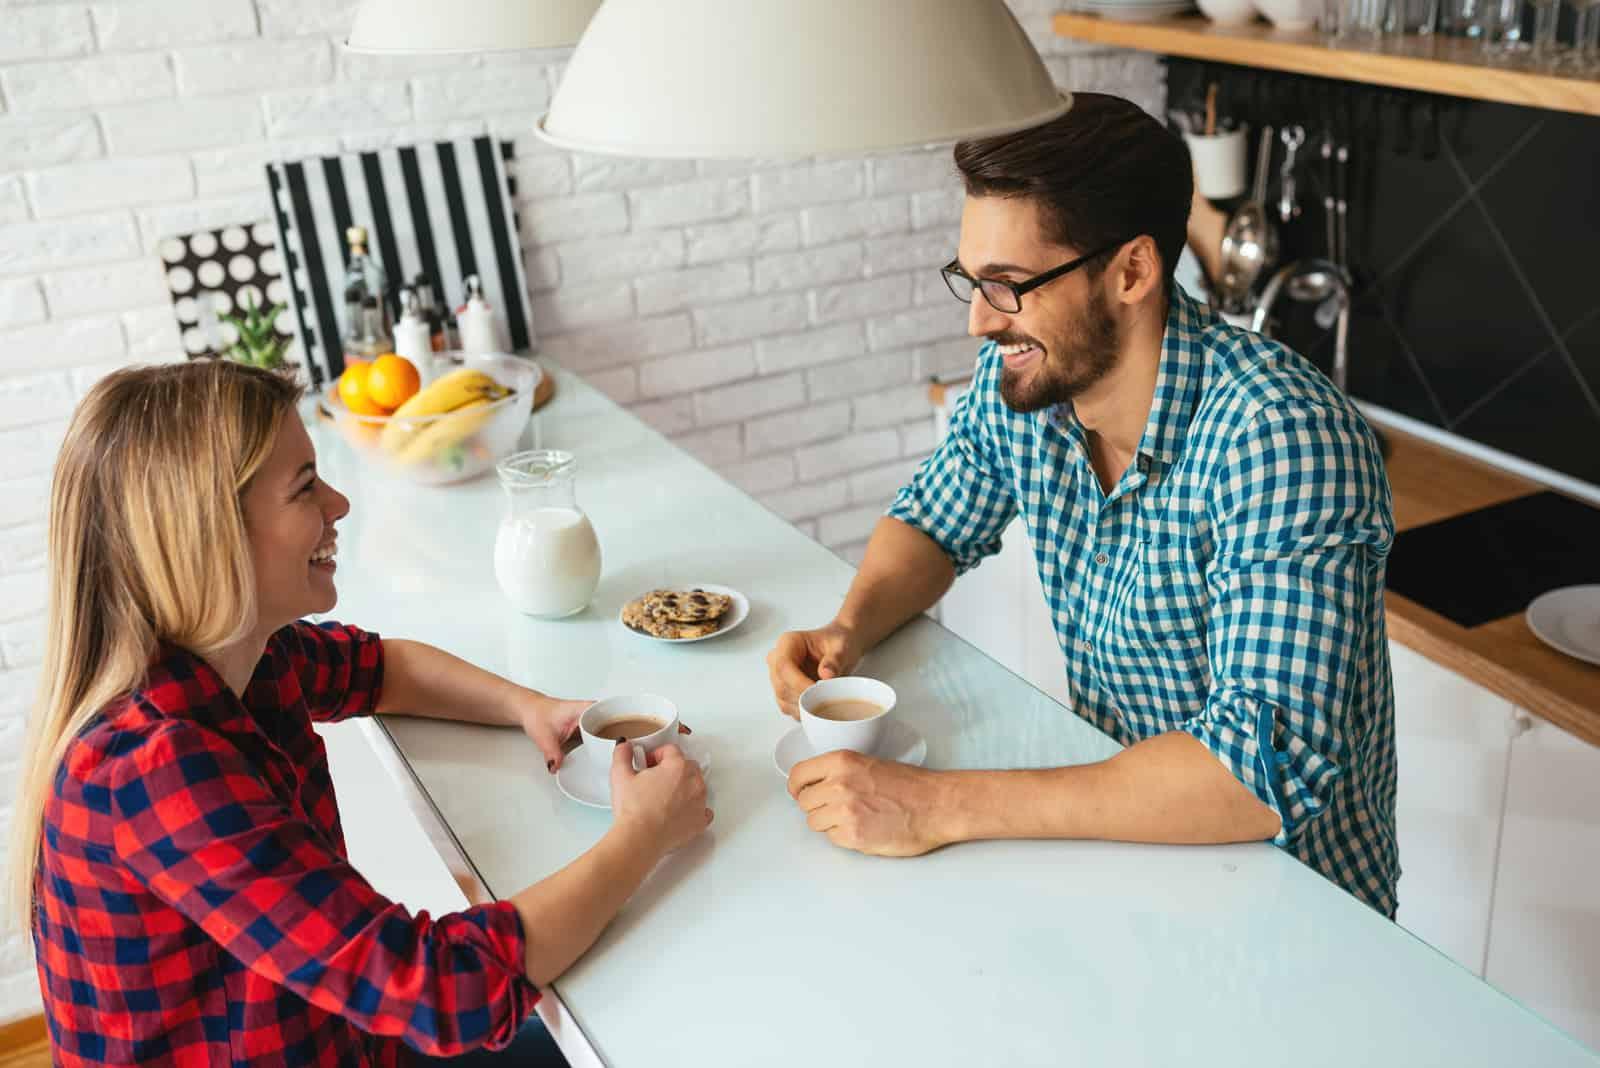 un homme et une femme buvant du café et parlant